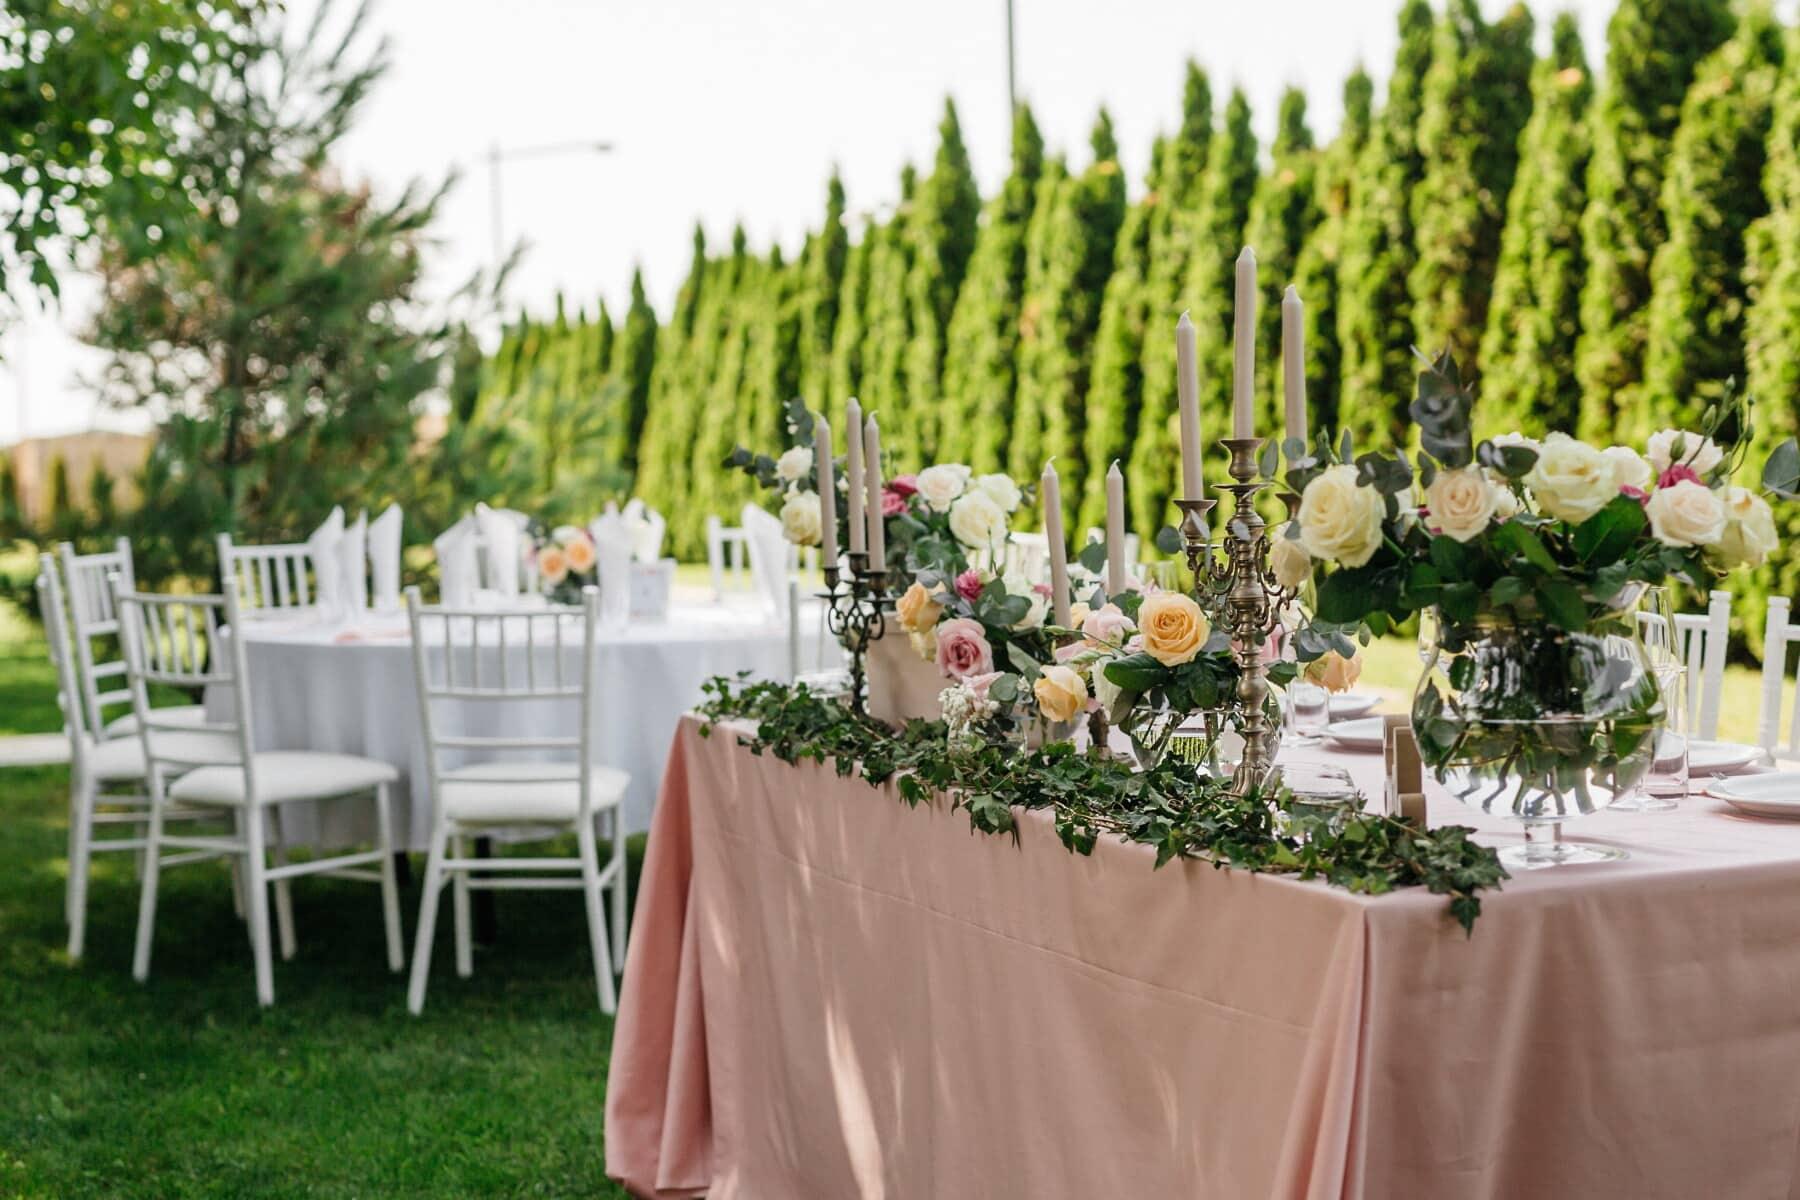 jardin, salle de mariage, tables, bougies, aux chandelles, réception, fleur, à l'extérieur, mariage, à manger